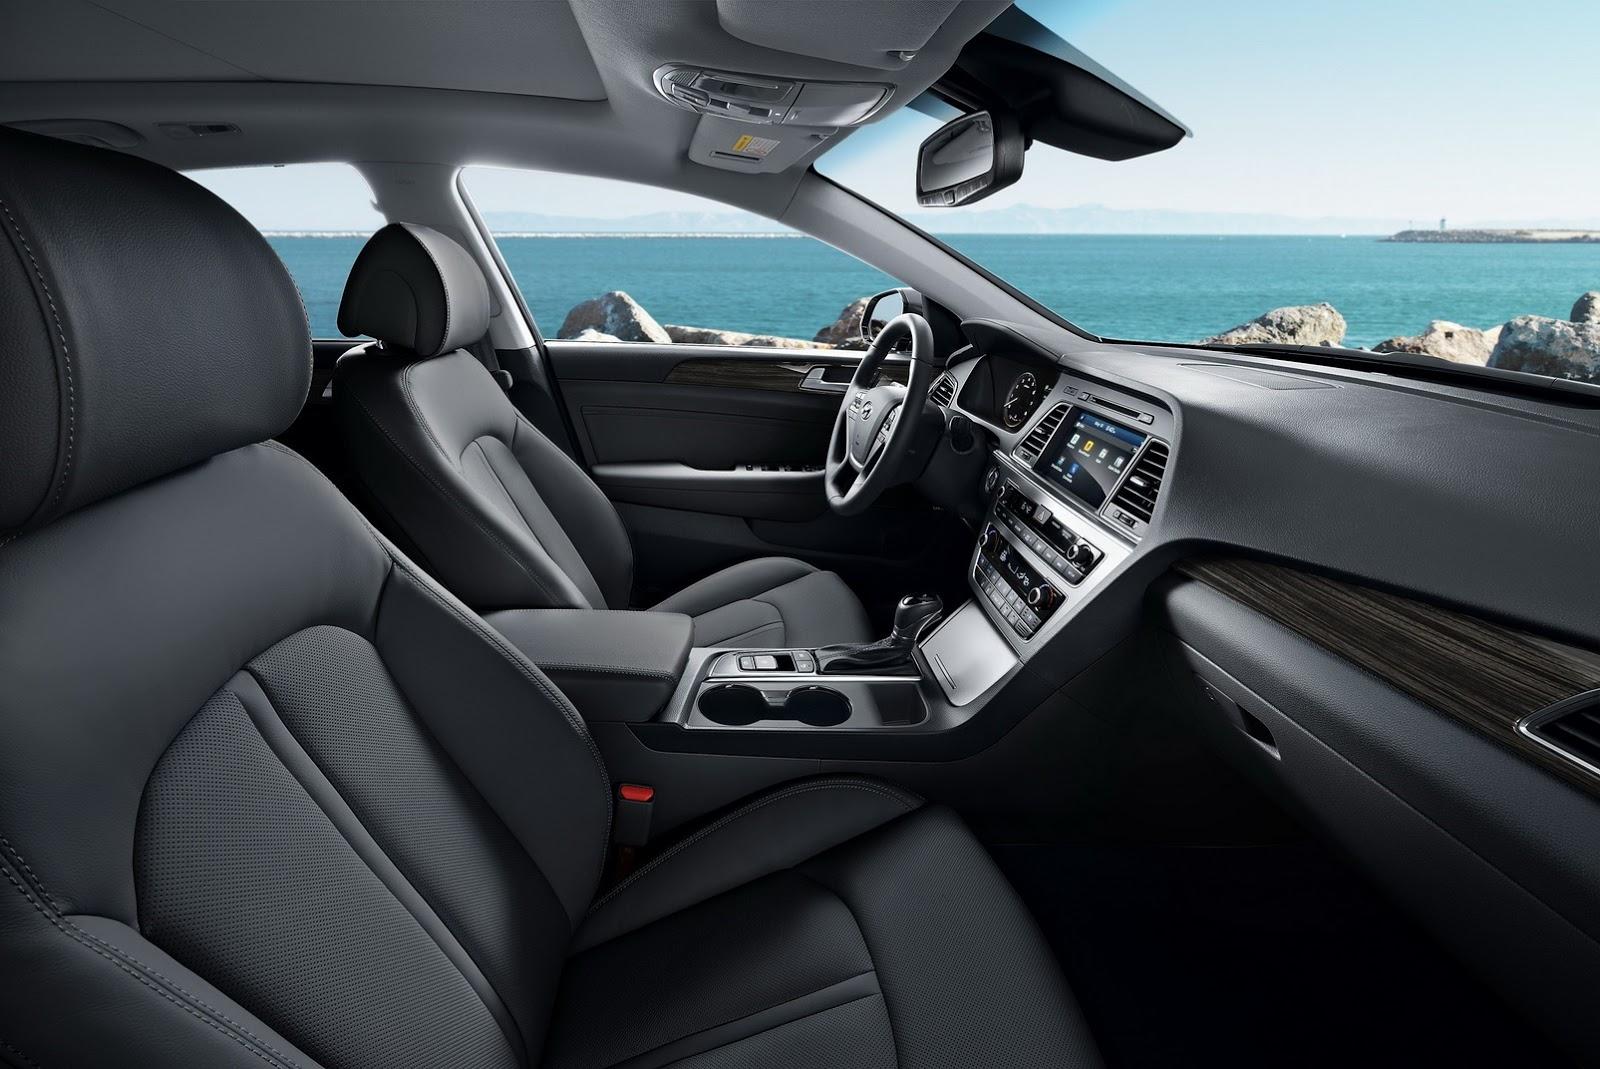 Ngoài hệ thống đèn bẻ theo góc cua linh hoạt mới kể trên, Hyundai Sonata 2017 còn được trang bị phanh khẩn cấp tự động, kiểm soát hành trình, cảnh báo chuyển làn đường, hỗ trợ đèn pha tự động, hỗ trợ lùi đỗ xe và phát hiện điểm mù.